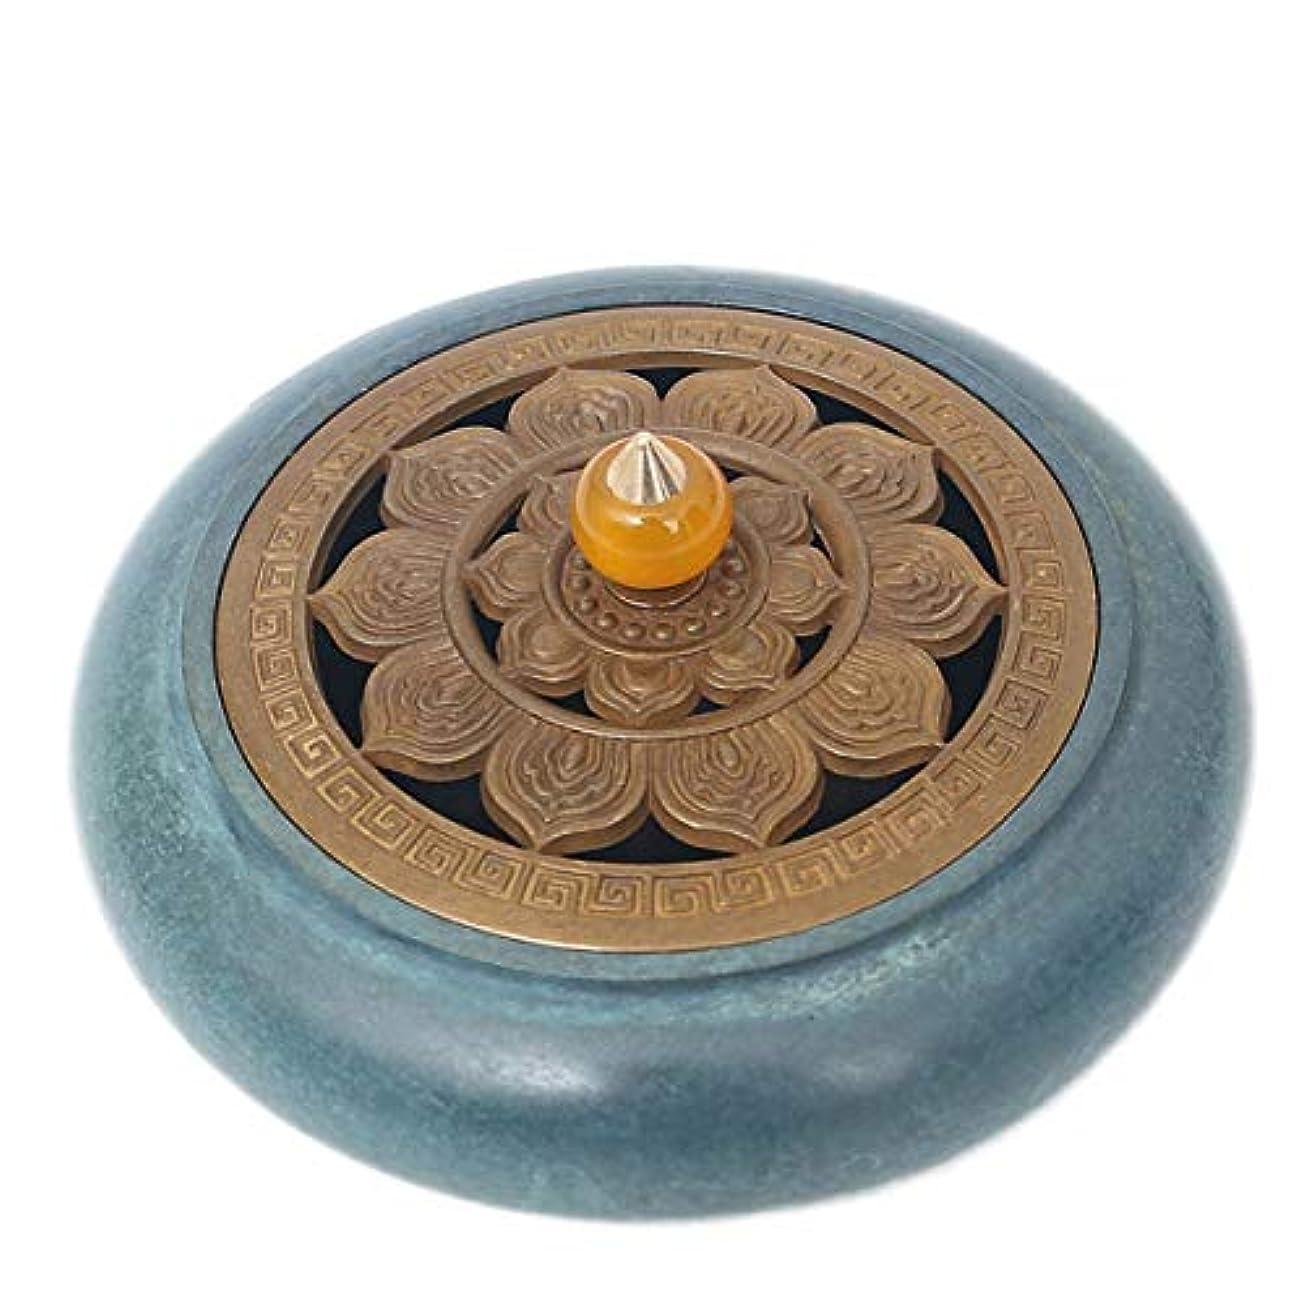 どこにも羊の不透明なコーン香バーナーと真鍮香スティックホルダー-中国銅装飾炭香炉-銅香灰キャッチャートレイボウル